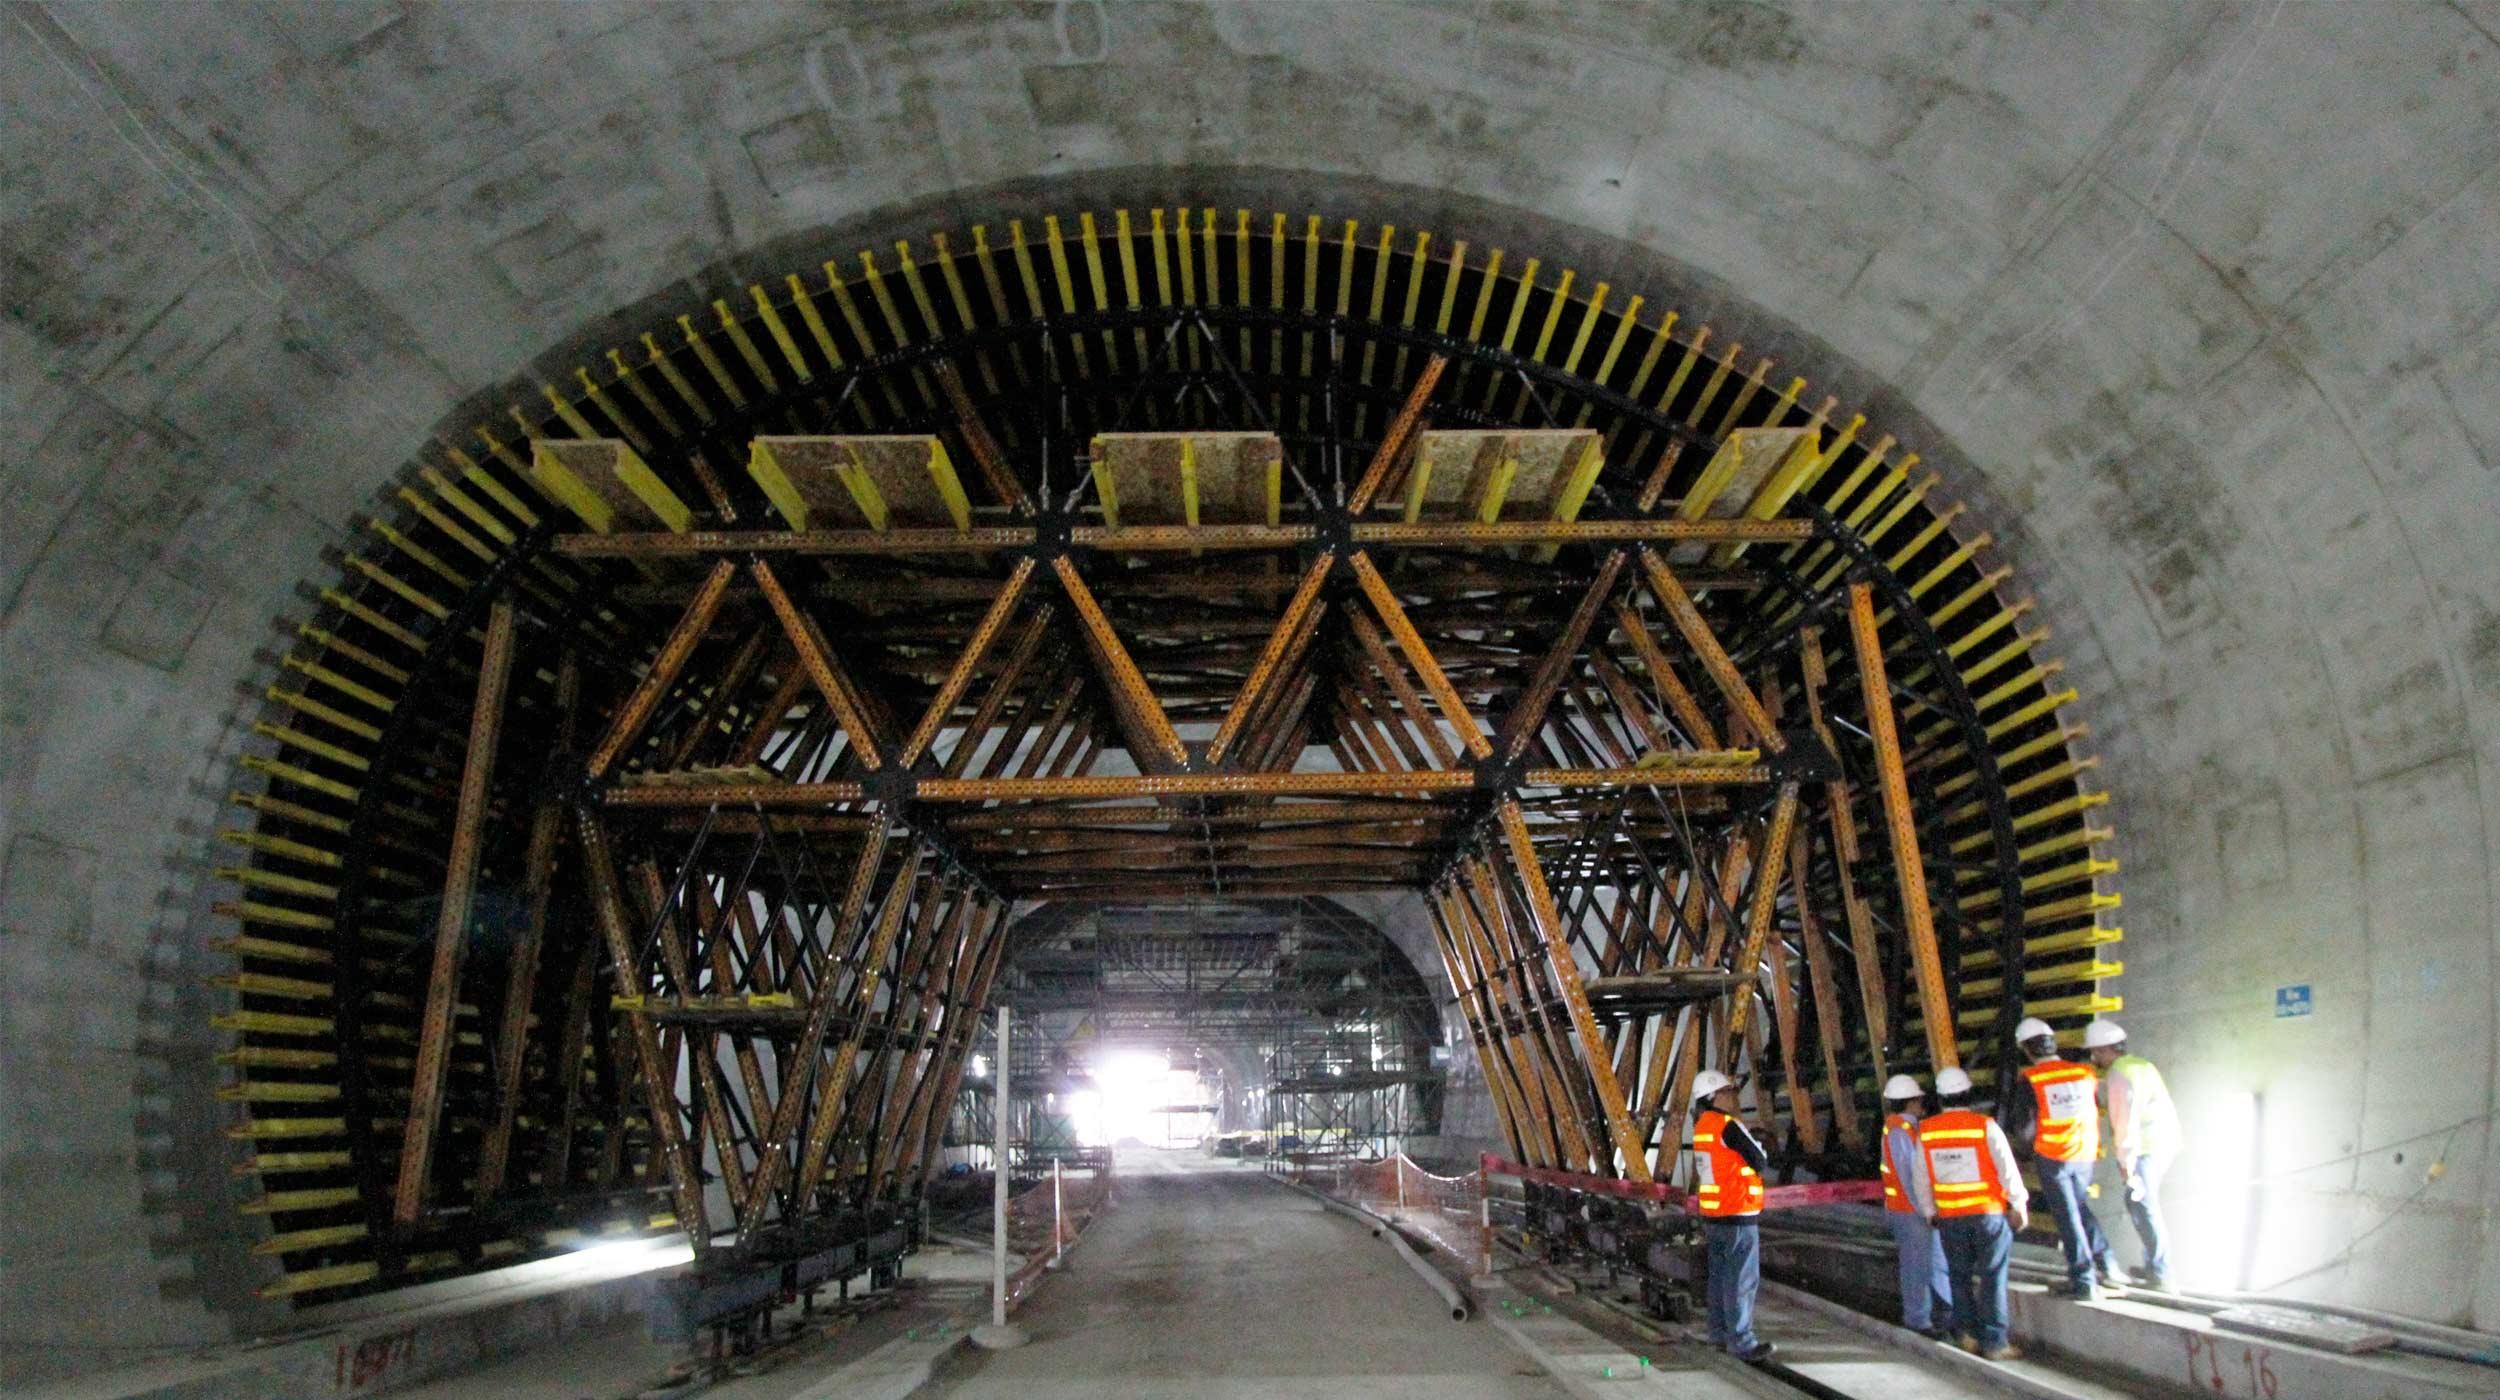 Avec nos chariots MK standards, nous avons construit deux tunnels avec flexibilité, tout en réduisant les coûts pour le client.